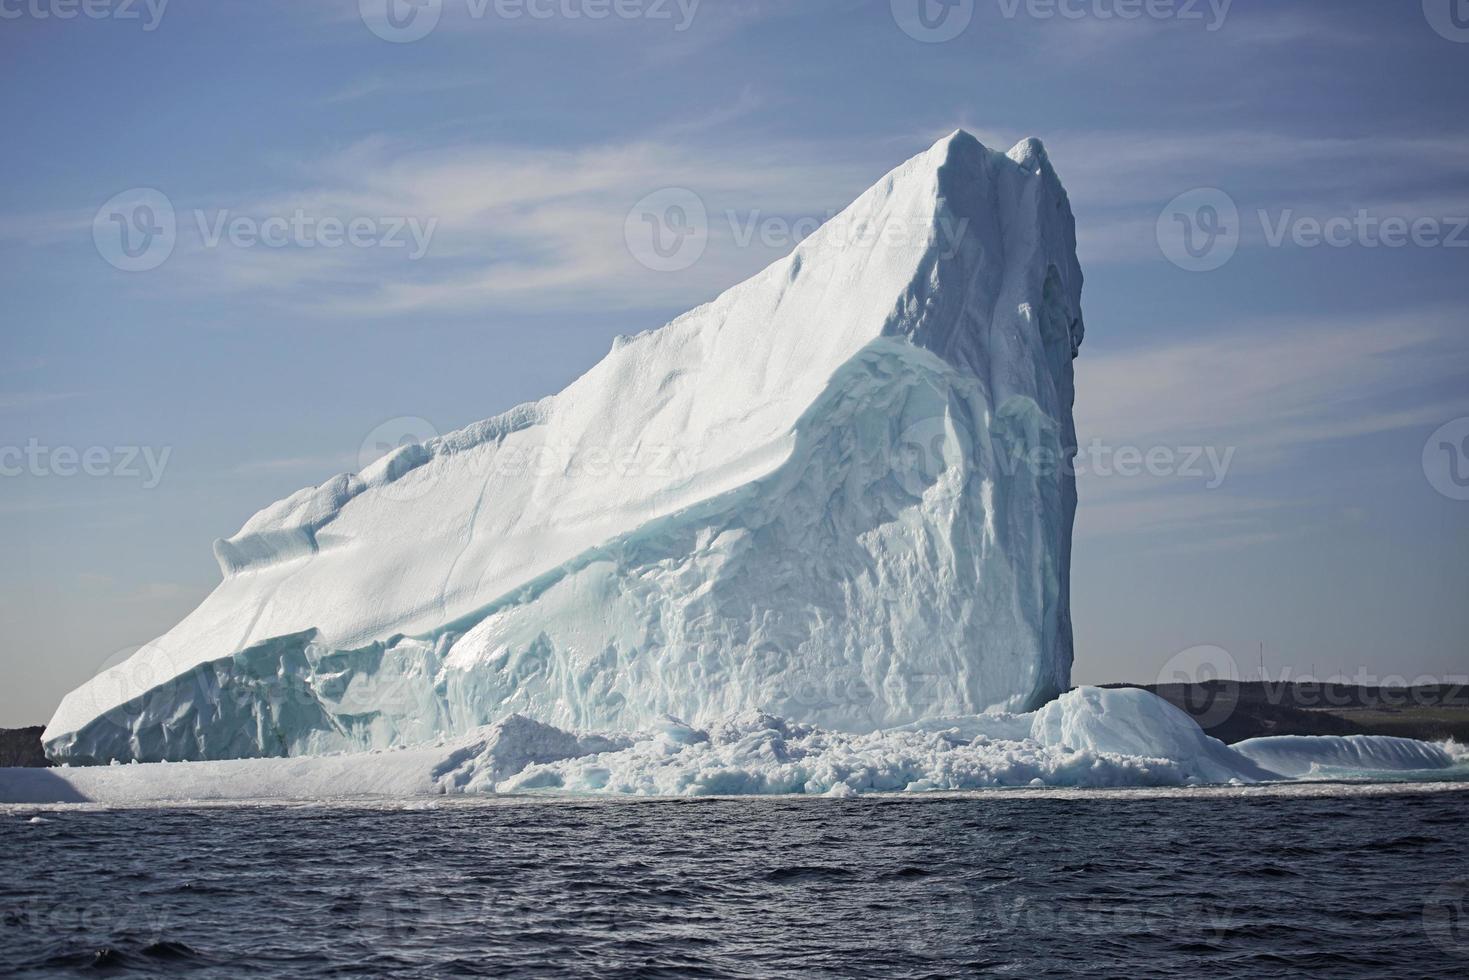 isberg på nära håll foto